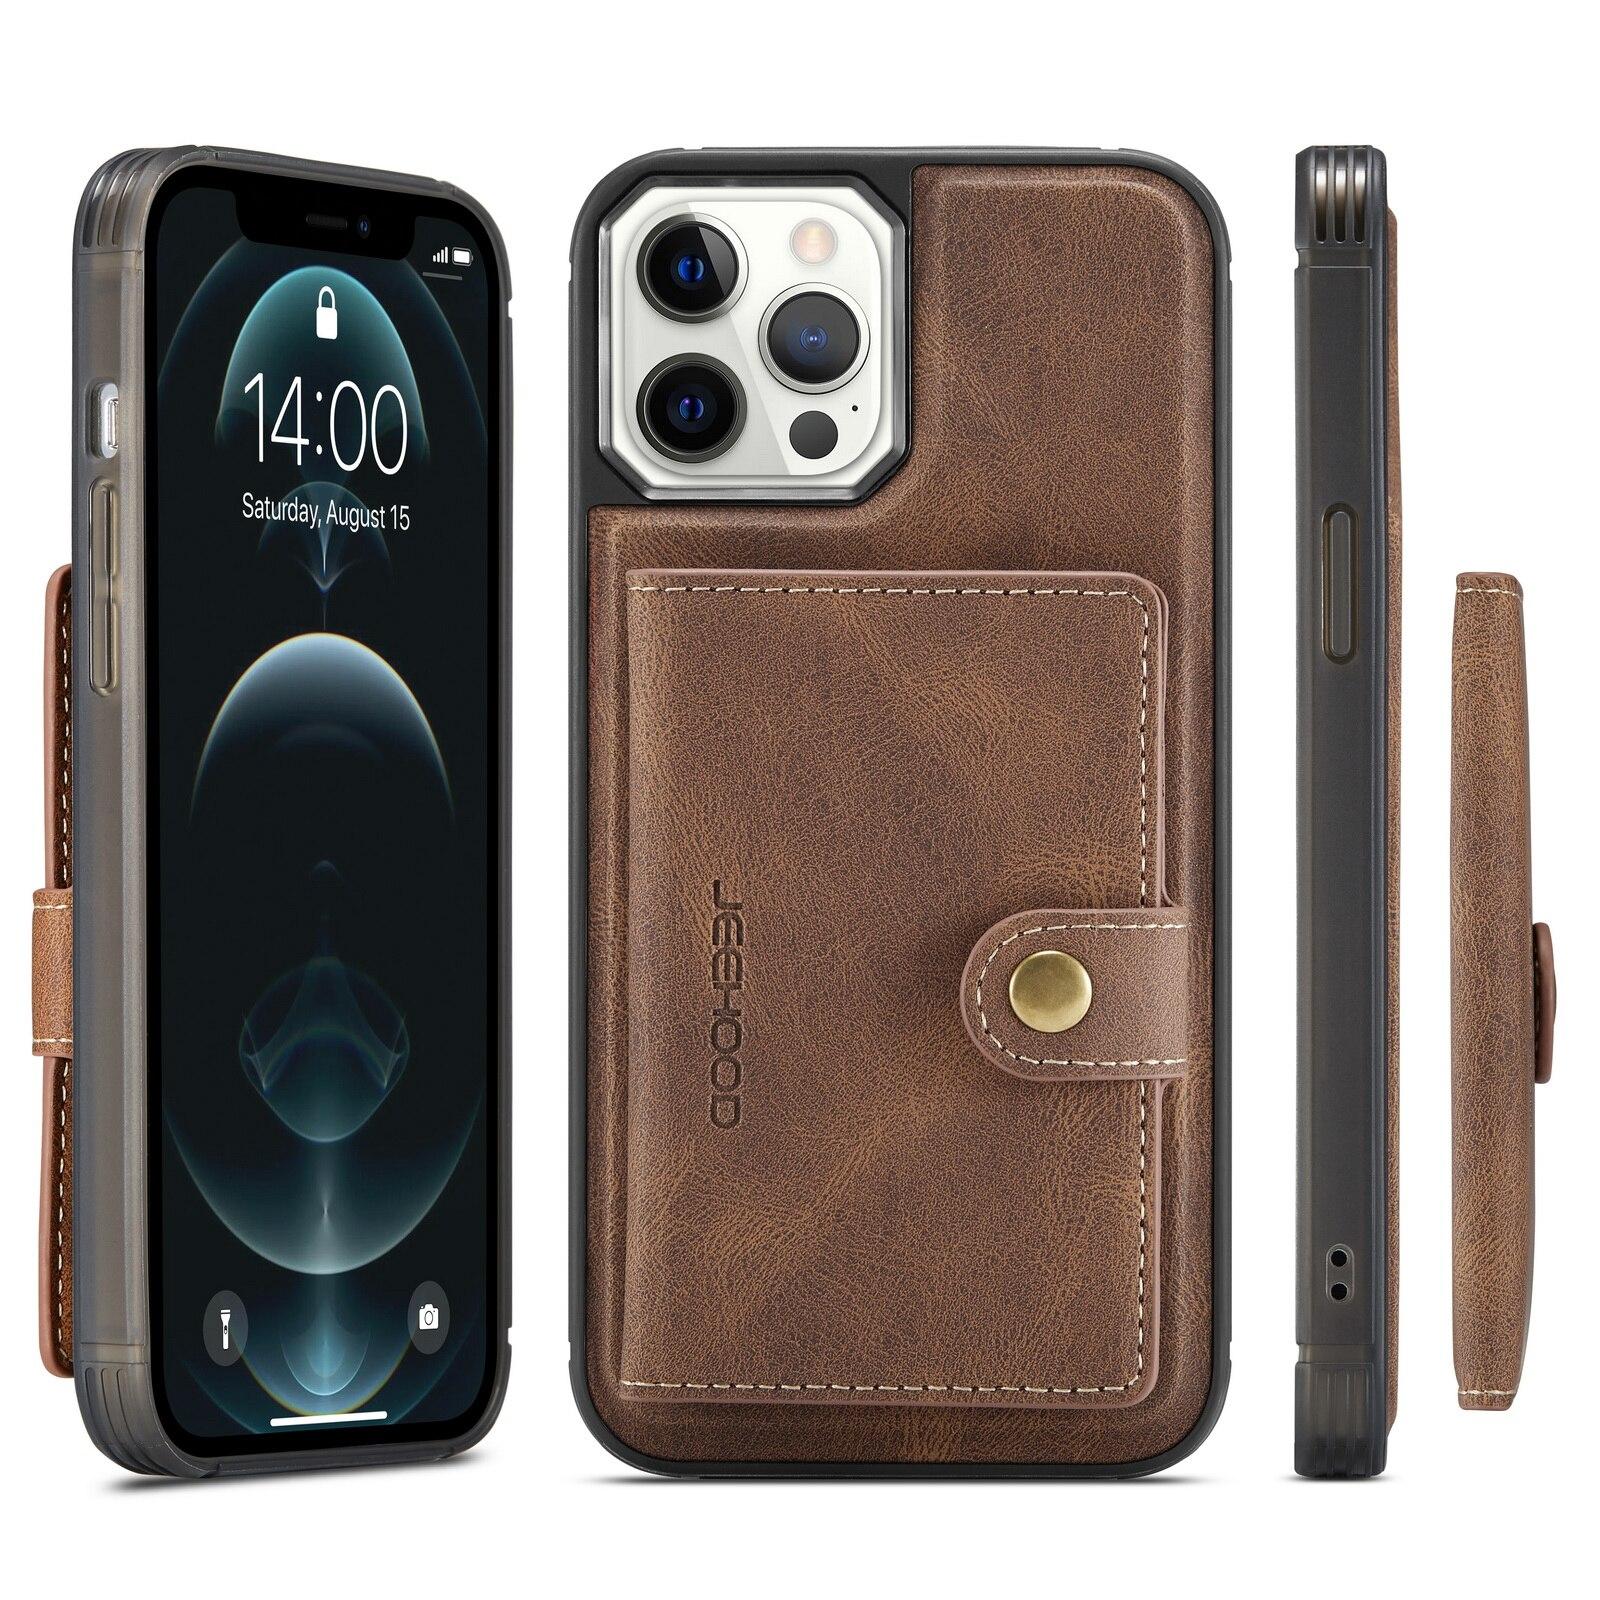 H5b55834aa5784bfa89739042334e4e4c3 Capinha case Capa traseira para o iphone 12 11 pro max xs xr x se 2020 8 7 plus caso do telefone com suporte de cartão de couro magnético destacável carteira saco